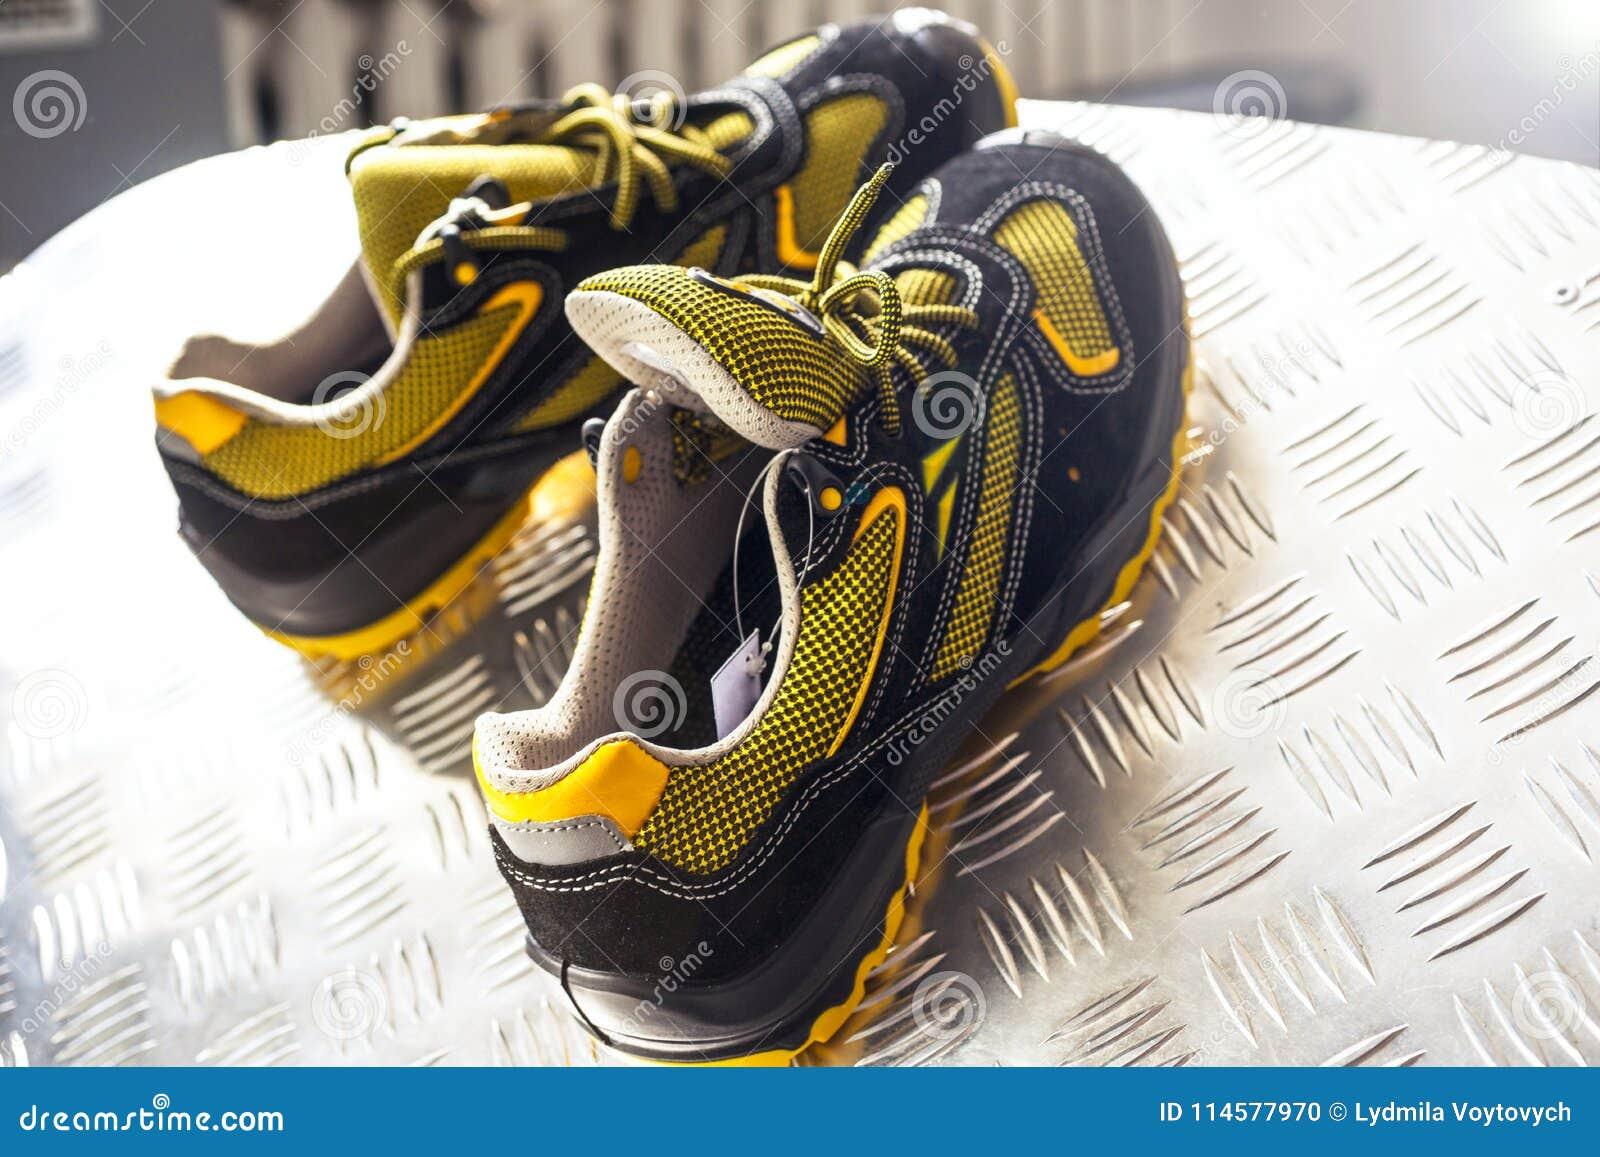 marca llevan haciendo deporte cómodos que Zapatos Zapatos paso del amarillo Negro el demostrando la deporte gimnasio Zapatilla amplio el de sin moderna en TS5xPqIaw